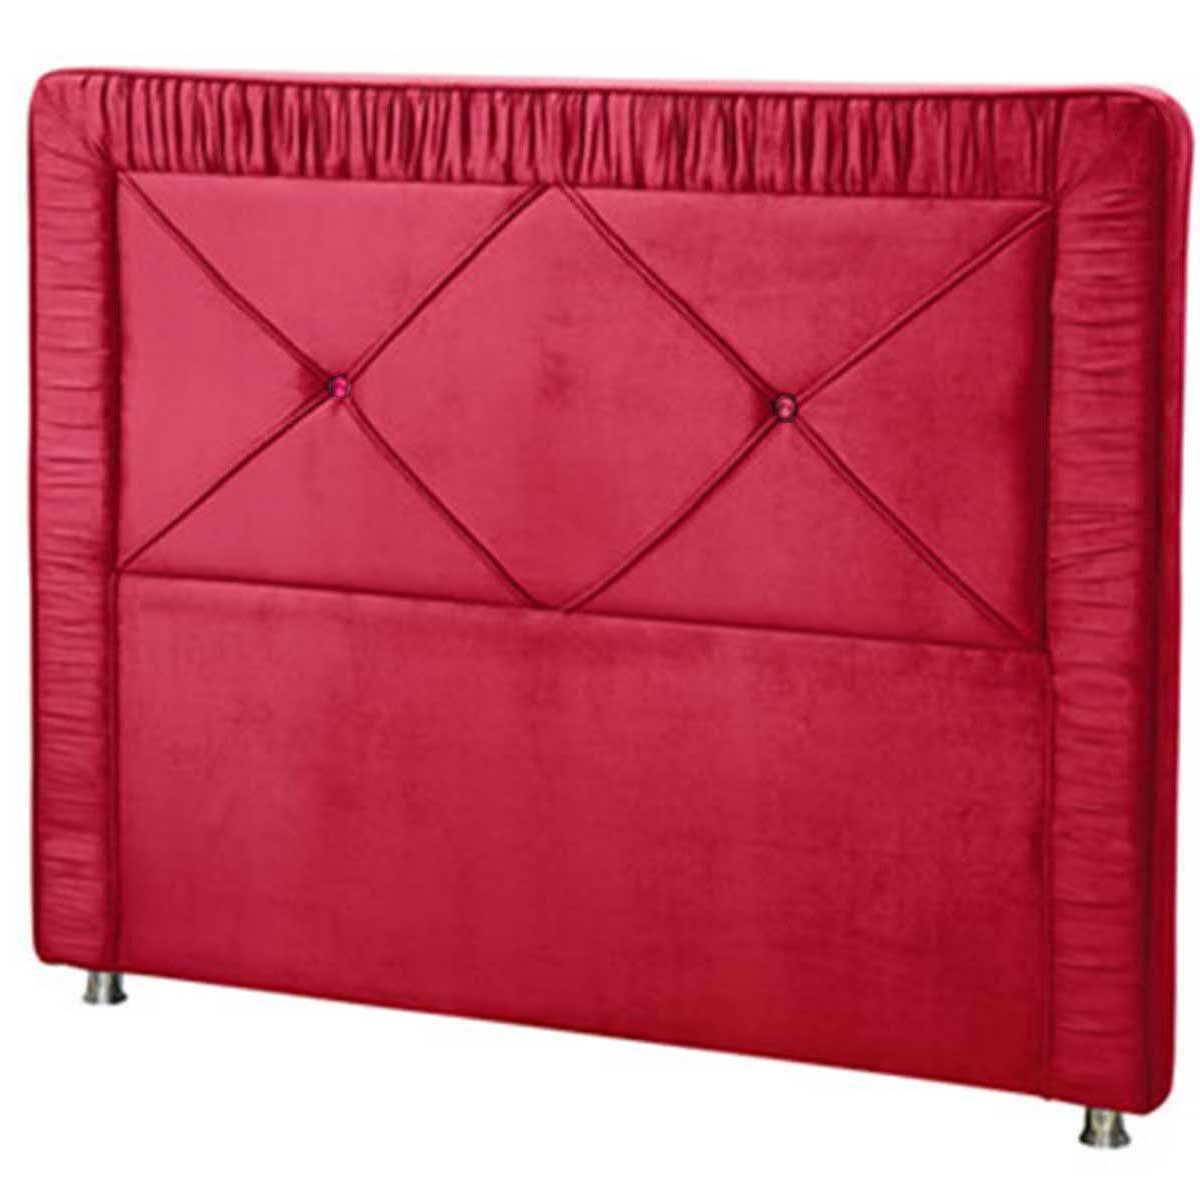 Cabeceira Athenas Solteiro 90 cm Vermelho Perfan Móveis